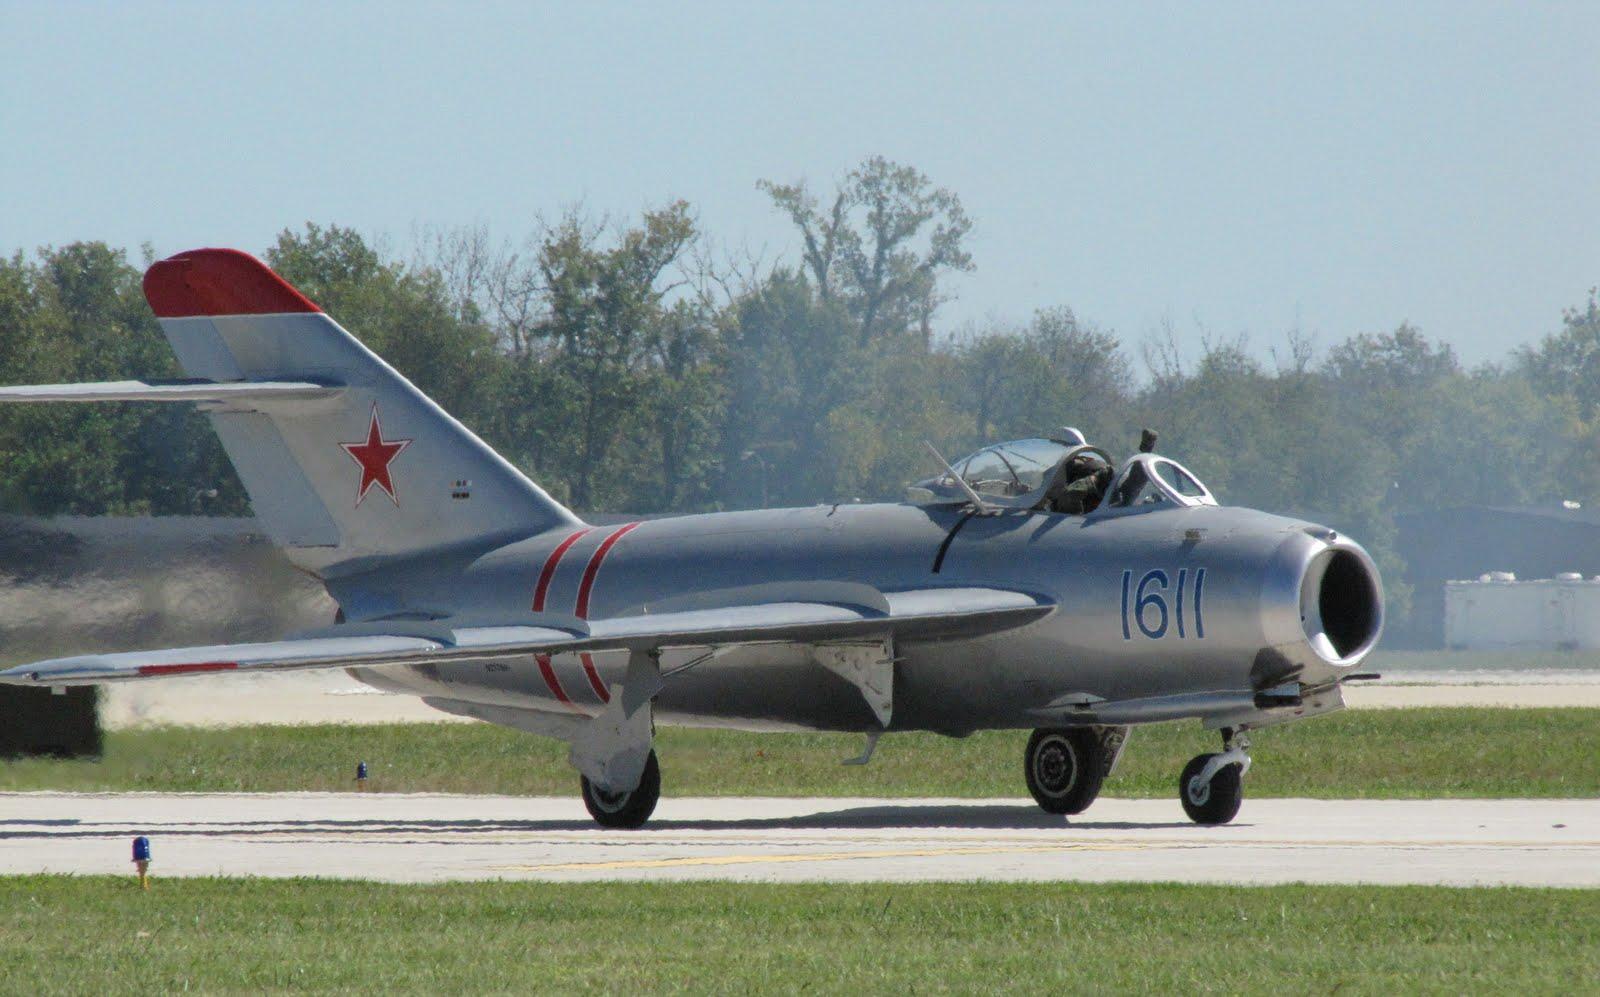 MiG, Lebih dari Sekadar Menggapai Langit